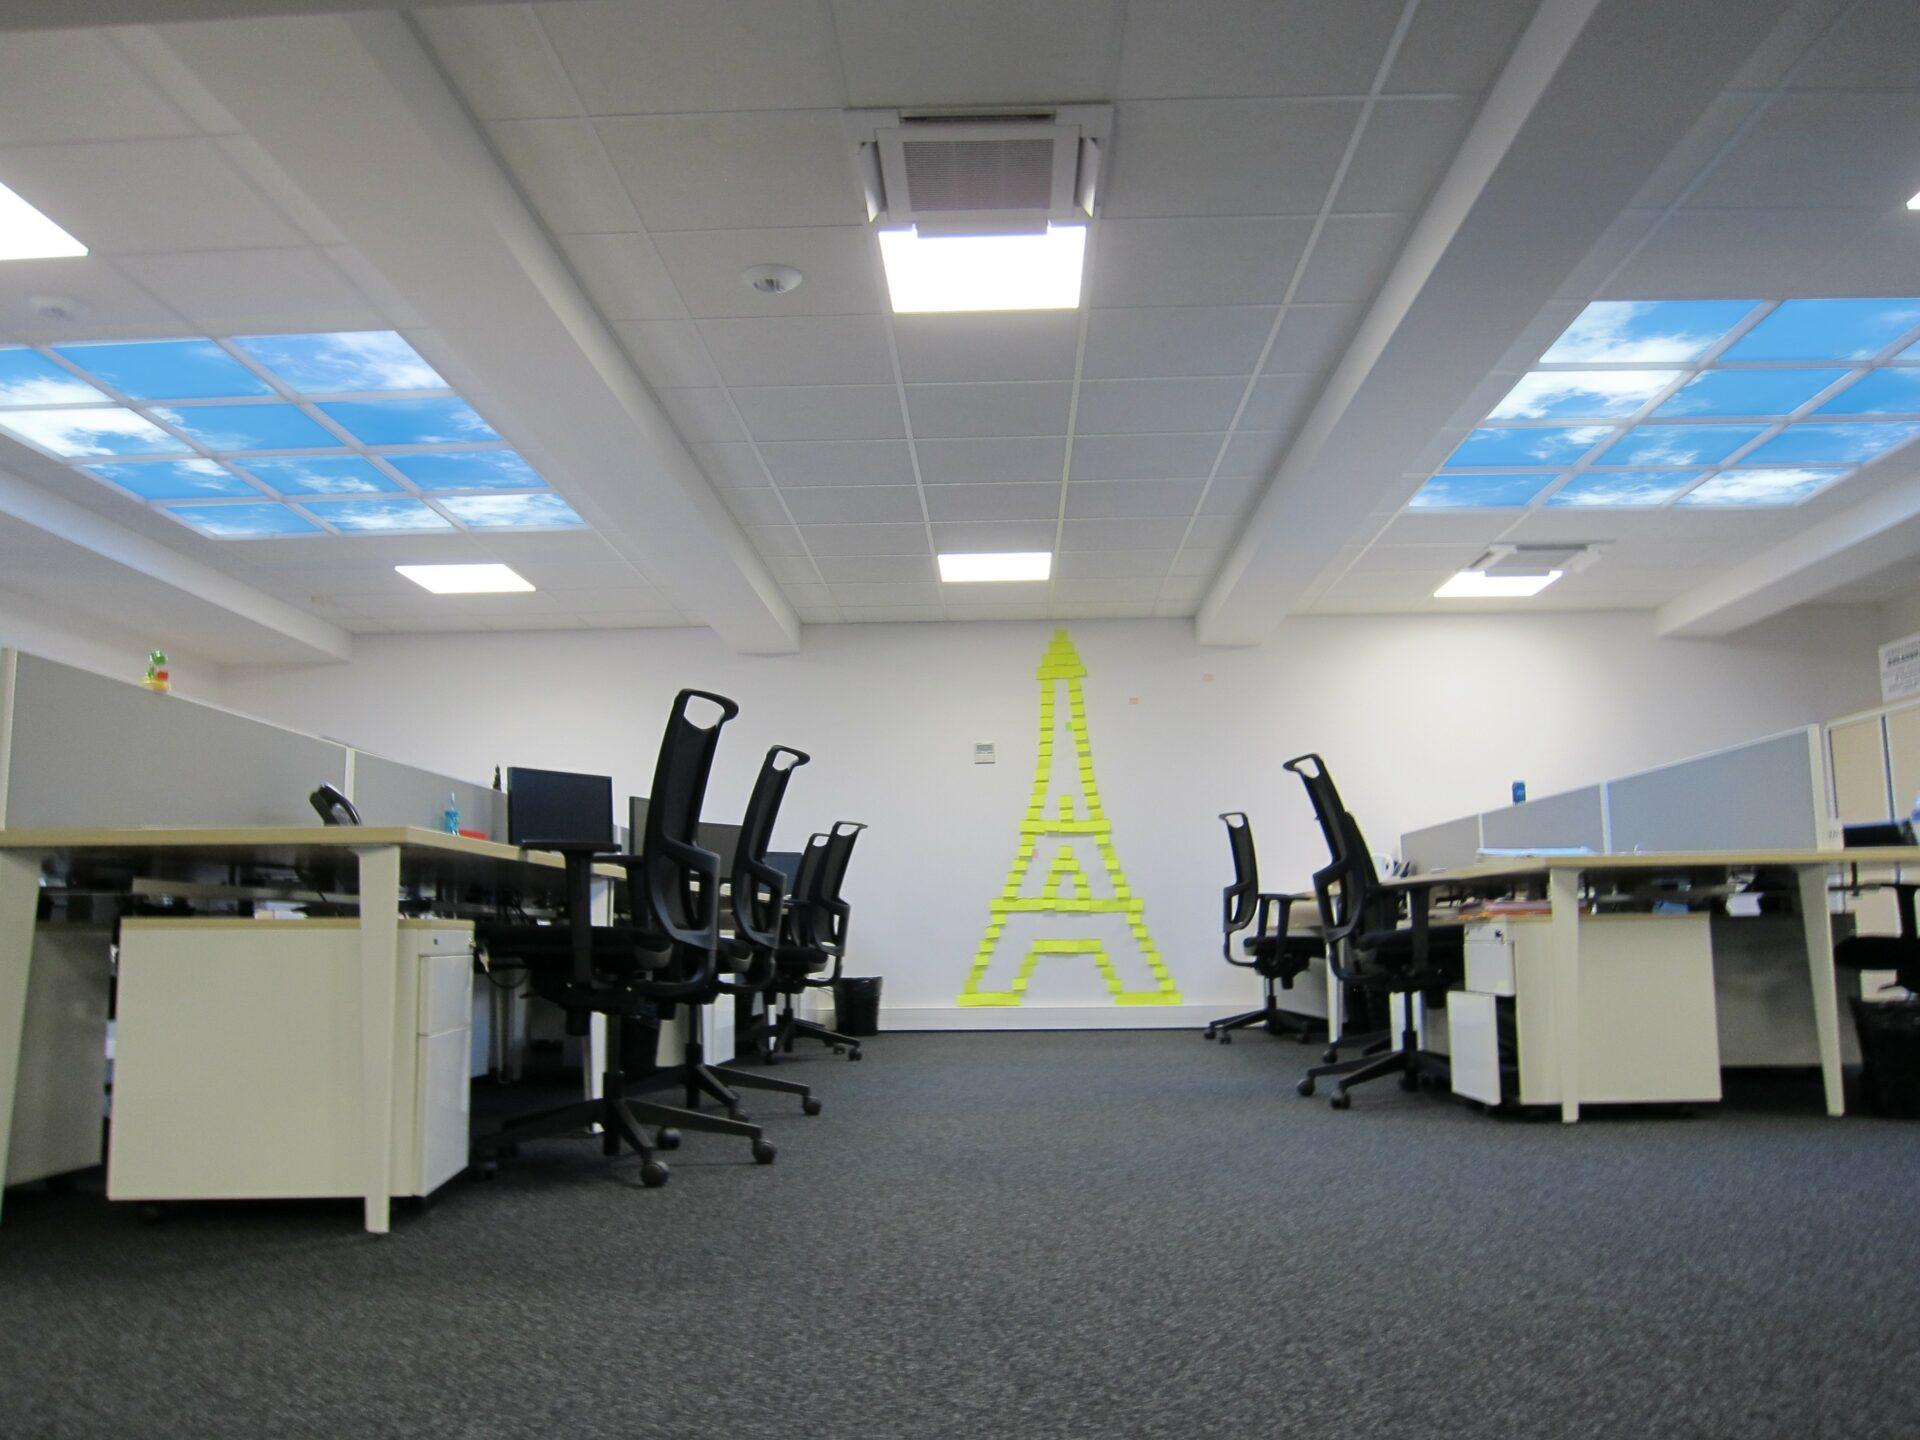 2 plafonds lumineux Cumulux 180x240 cm pour un open space sombre.